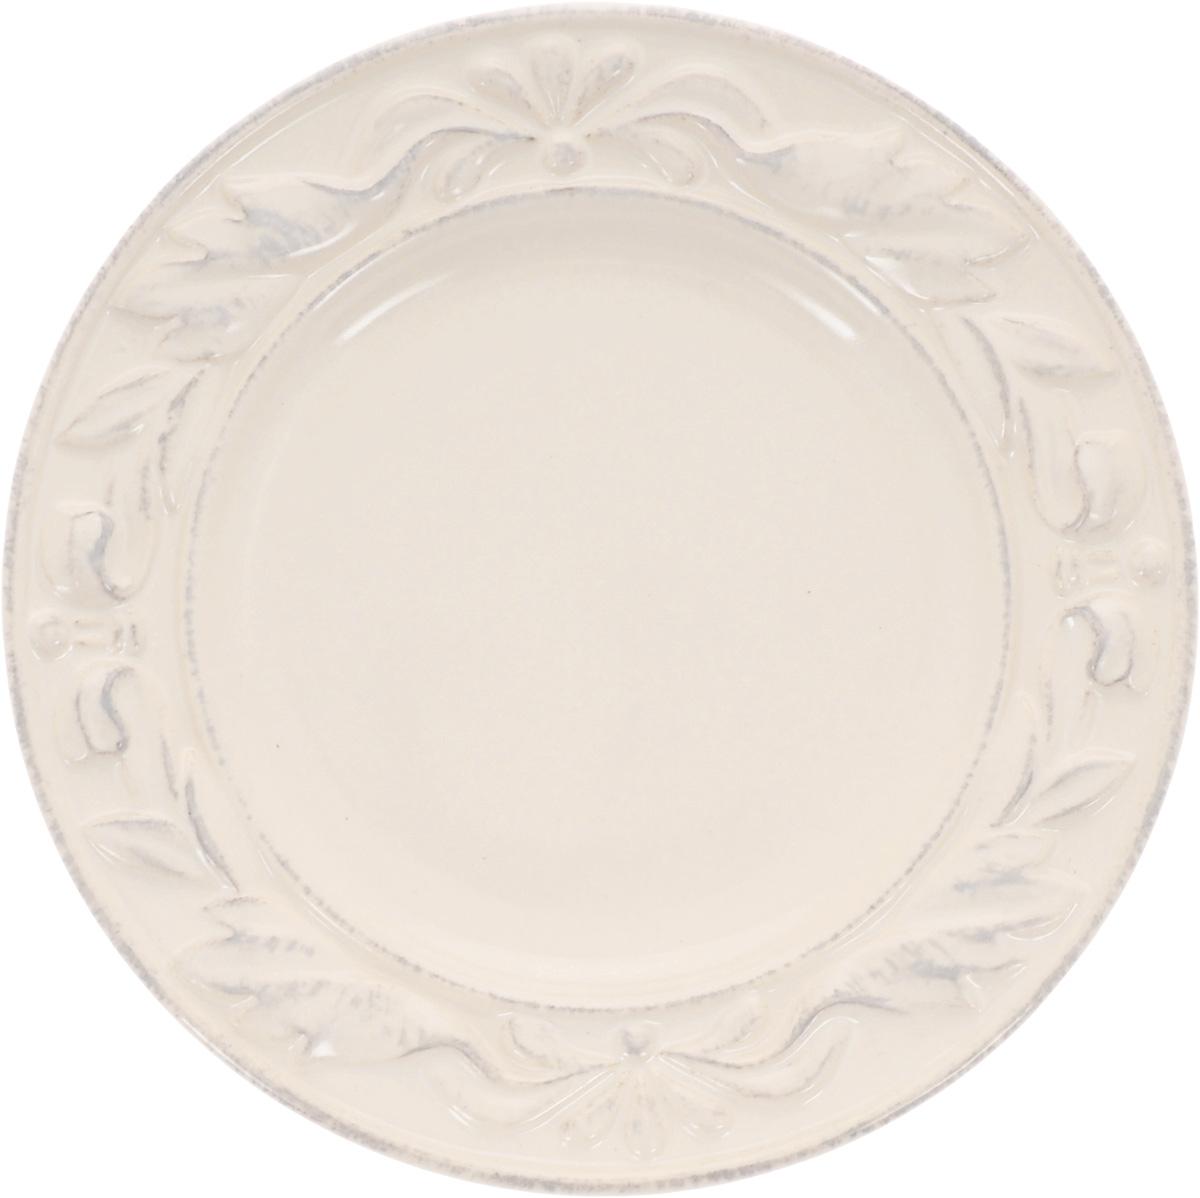 Тарелка Certified International Флоренция, диаметр 14 см14929Тарелка Certified International Флоренция выполнена из высококачественной керамики с рельефным рисунком. Изделие сочетает в себе изысканный дизайн с максимальной функциональностью. Она прекрасно впишется в интерьер вашей кухни и станет достойным дополнением к кухонному инвентарю. Тарелка Certified International Флоренция подчеркнет прекрасный вкус хозяйки и станет отличным подарком. Диаметр тарелки: 14 см.